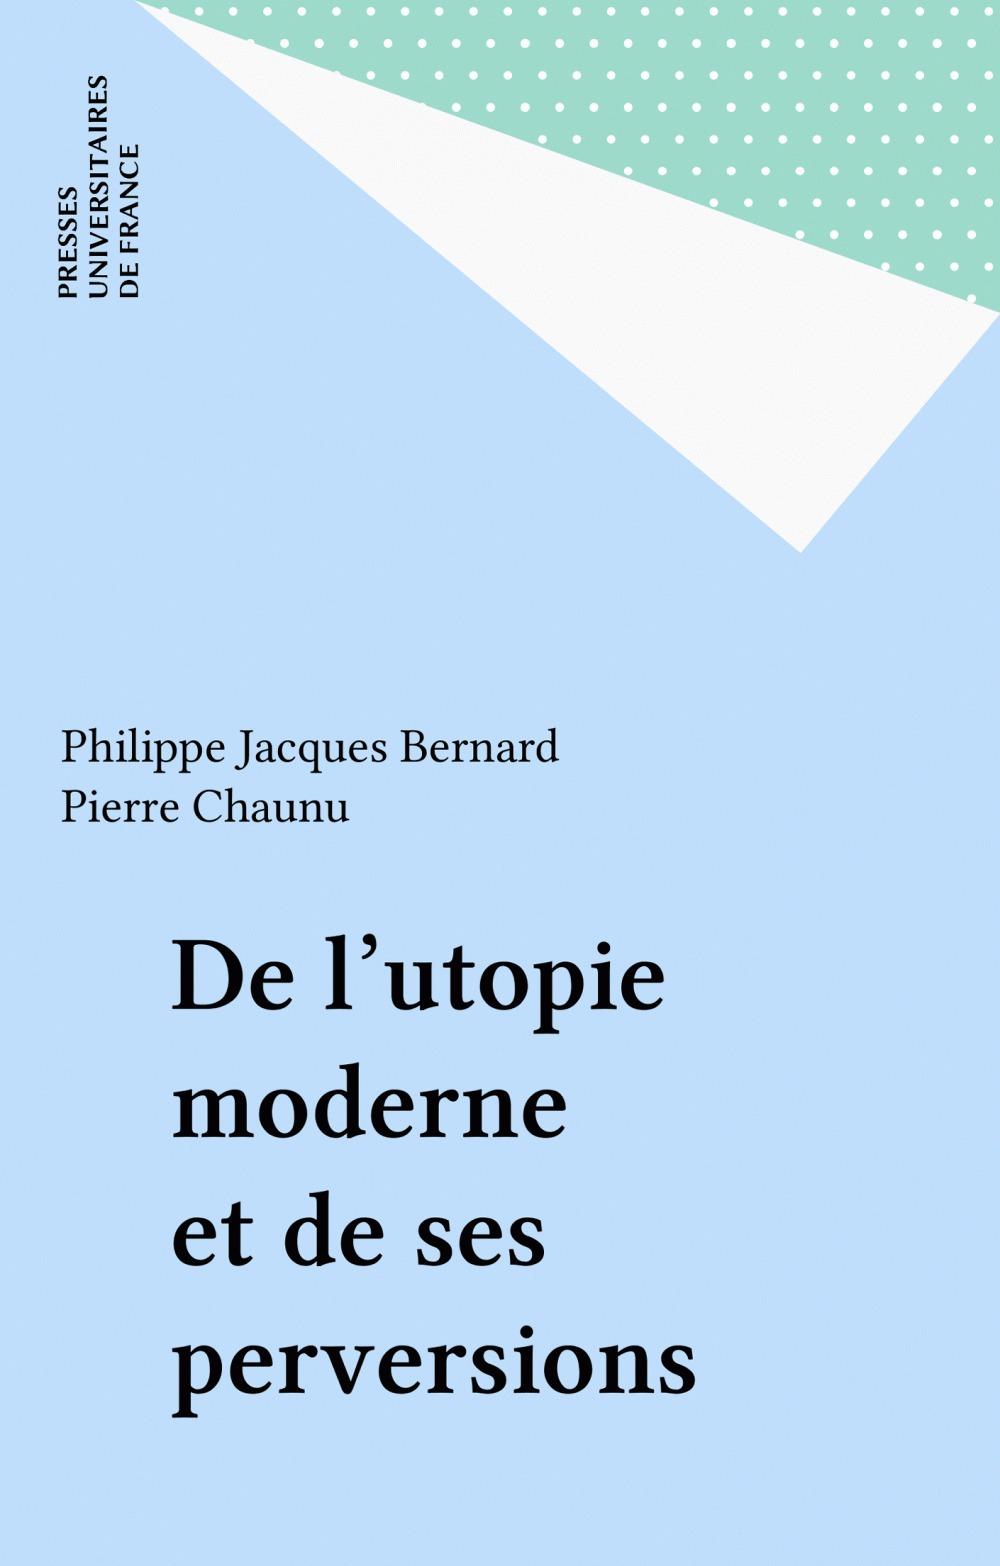 De l'utopie moderne et de ses perversions